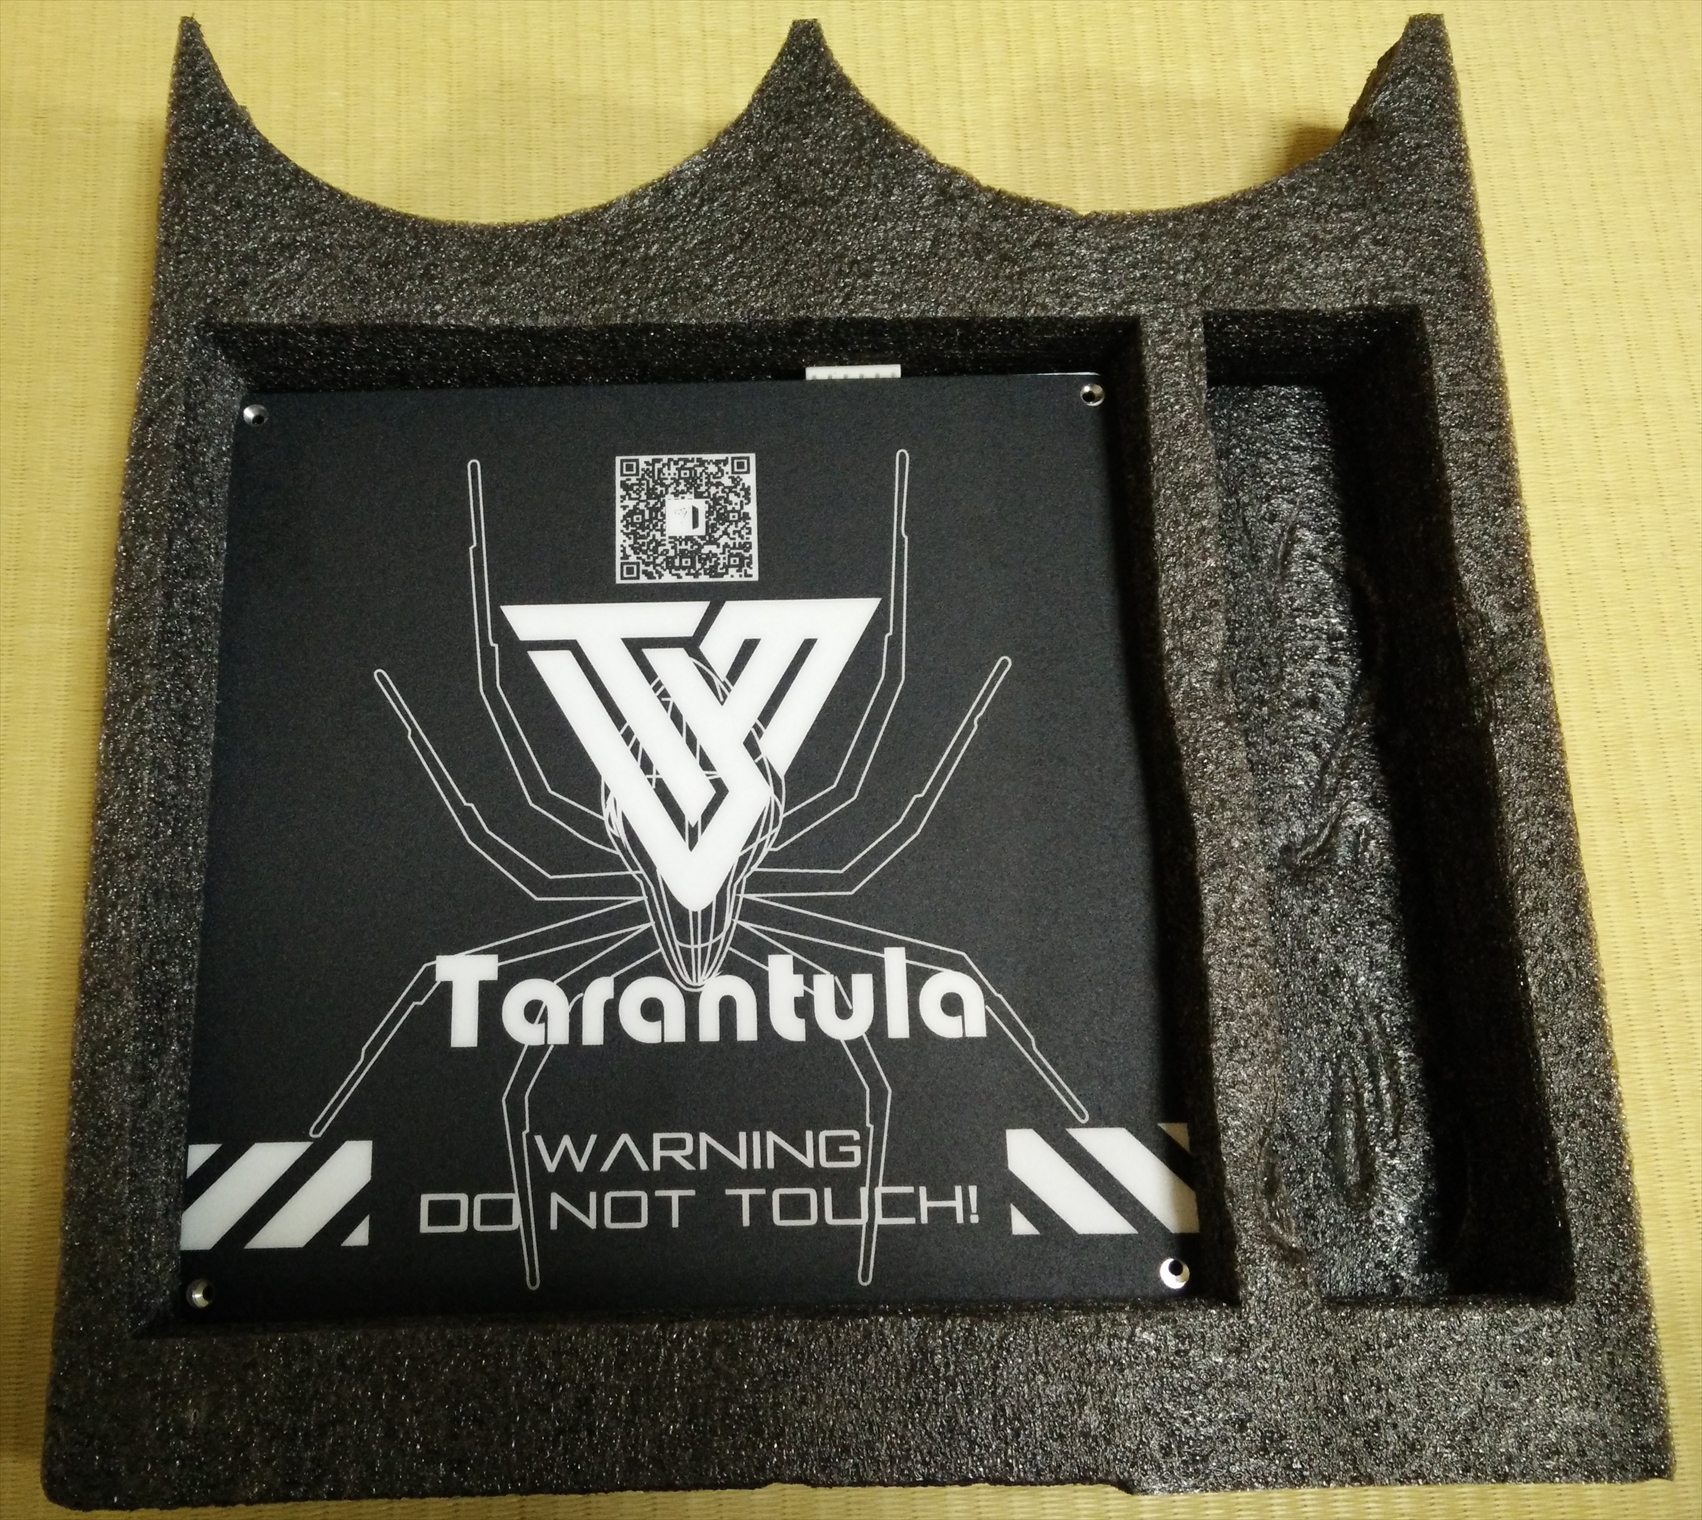 3Dプリンター(TEVO Tarantula)のパーツ一覧